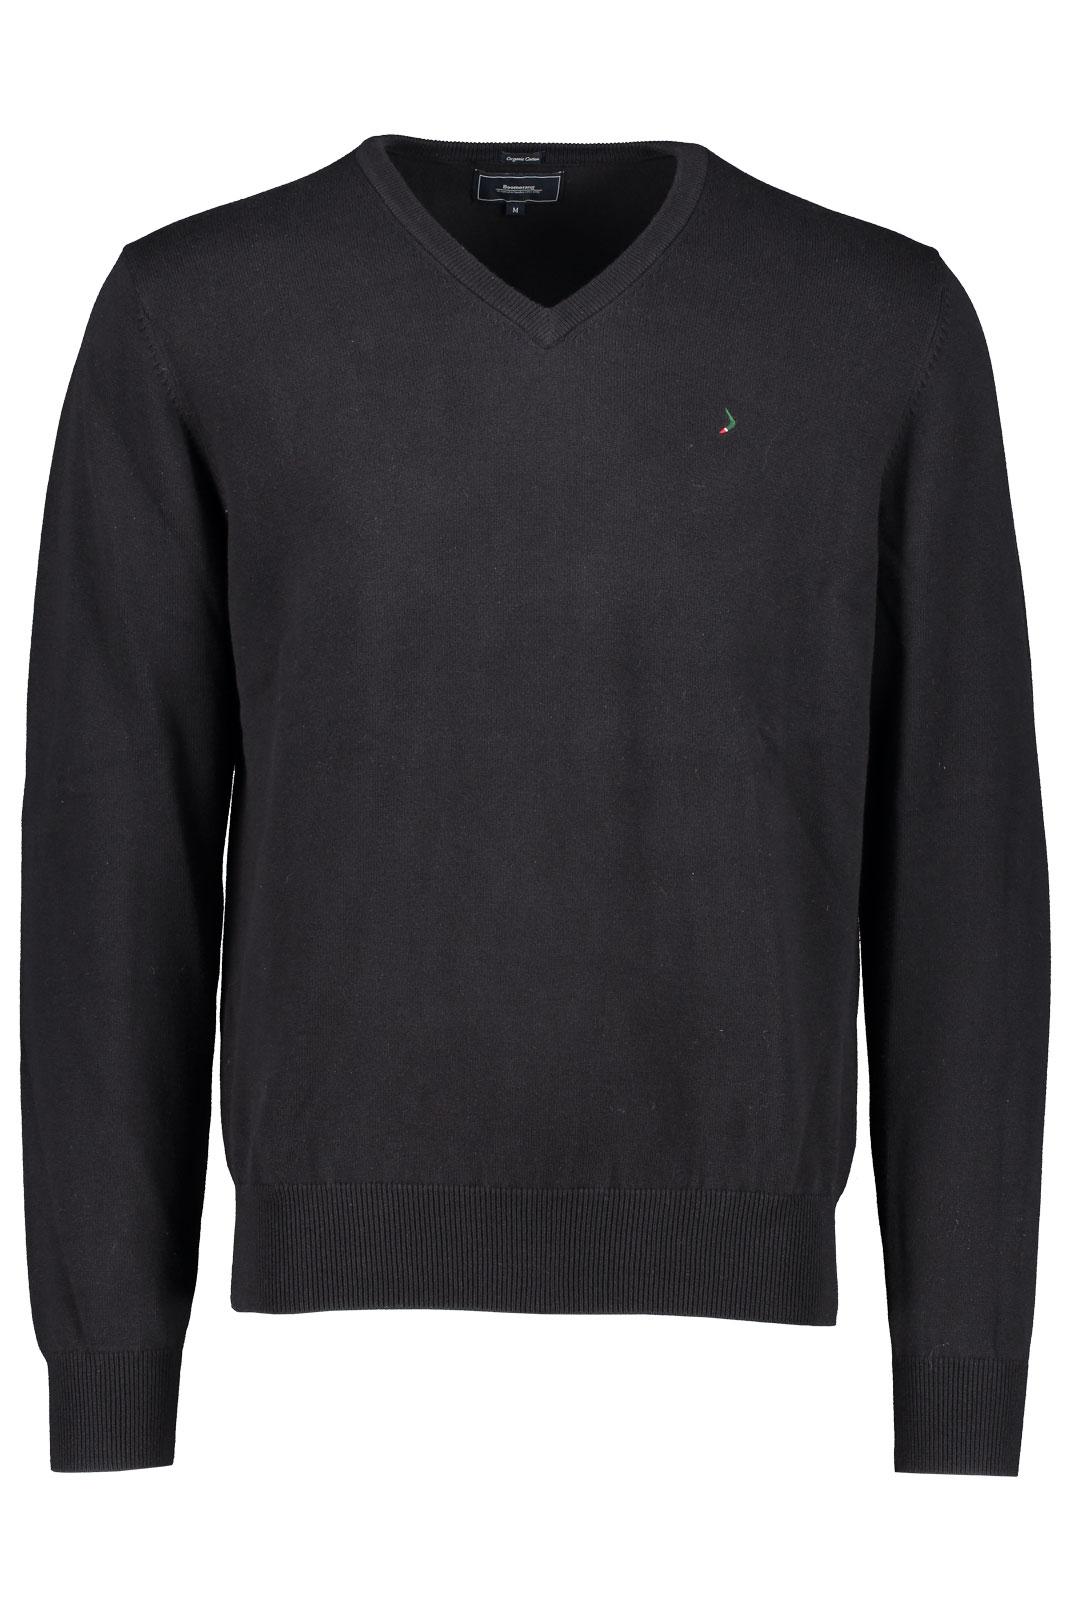 BOOMERANG | Erland v neck sweater | STICKADE TRÖJOR TRÖJOR